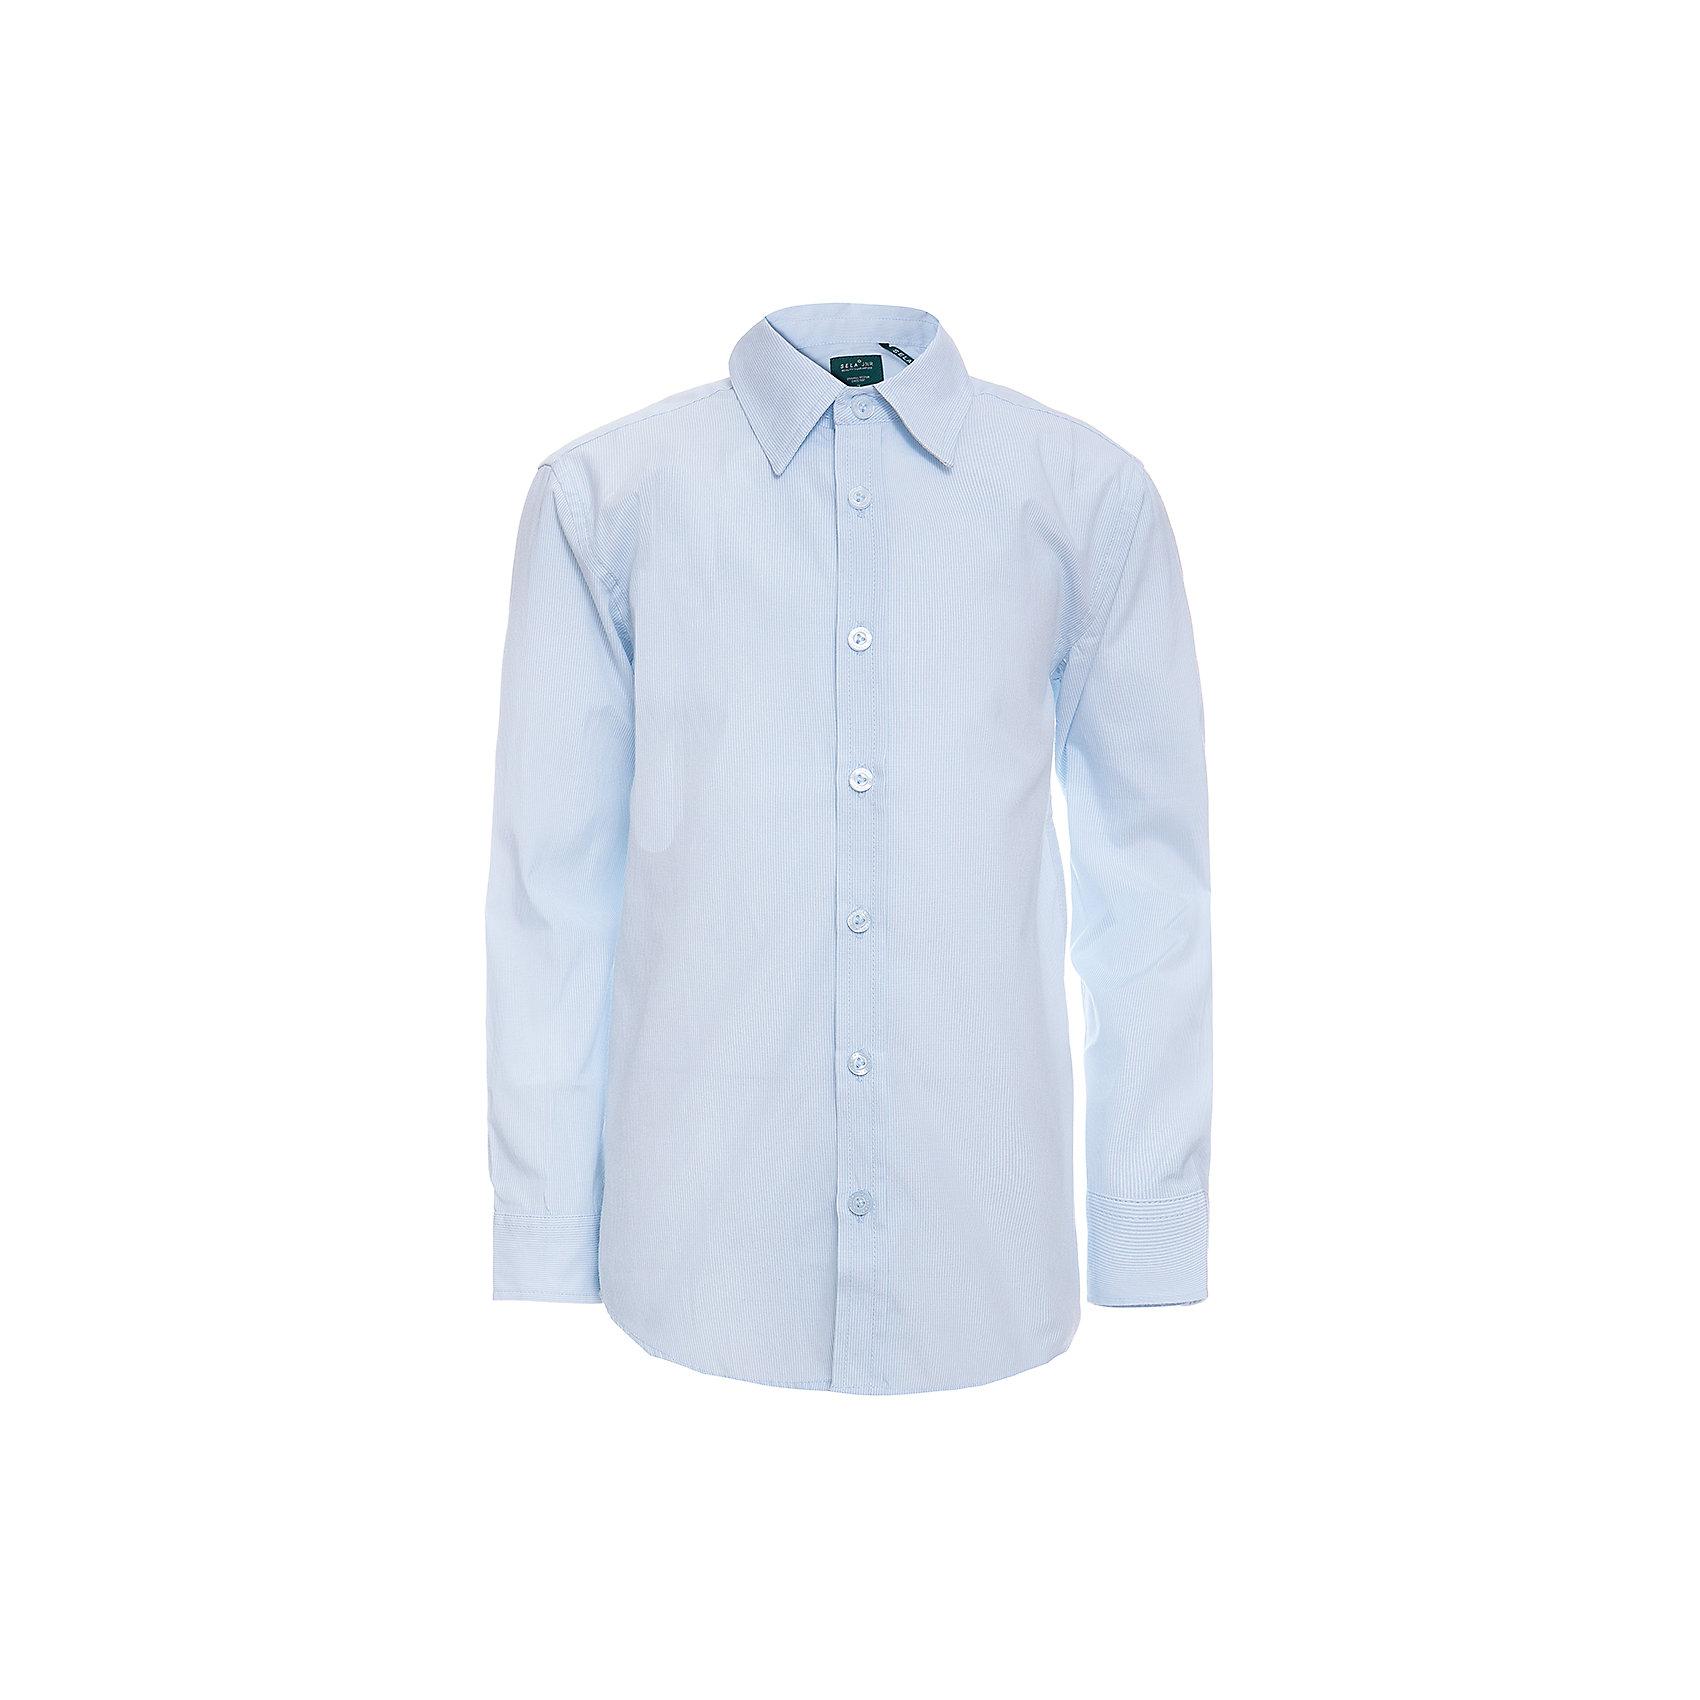 Рубашка SELA для мальчикаБлузки и рубашки<br>Характеристики товара:<br><br>• цвет: голубой;<br>• состав: 60% хлопок, 40% полиэстер;<br>• сезон: круглый год;<br>• особенности: повседневная, школьная;<br>• застежка: пуговицы;<br>• манжеты на пуговицах;<br>• с длинным рукавом;<br>• страна бренда: Россия;<br>• страна изготовитель: Китай.<br><br>Школьная рубашка с длинным рукавом для мальчика. Рубашка выполнена в голубом цвете, застегивается на пуговицы. Манжеты с регулируемой шириной, застегиваются на две пуговицы.<br><br>Рубашку Sela (Села) для мальчика можно купить в нашем интернет-магазине.<br><br>Ширина мм: 174<br>Глубина мм: 10<br>Высота мм: 169<br>Вес г: 157<br>Цвет: голубой<br>Возраст от месяцев: 120<br>Возраст до месяцев: 132<br>Пол: Мужской<br>Возраст: Детский<br>Размер: 146,152,158,164,170,122,128,134,140<br>SKU: 7009788